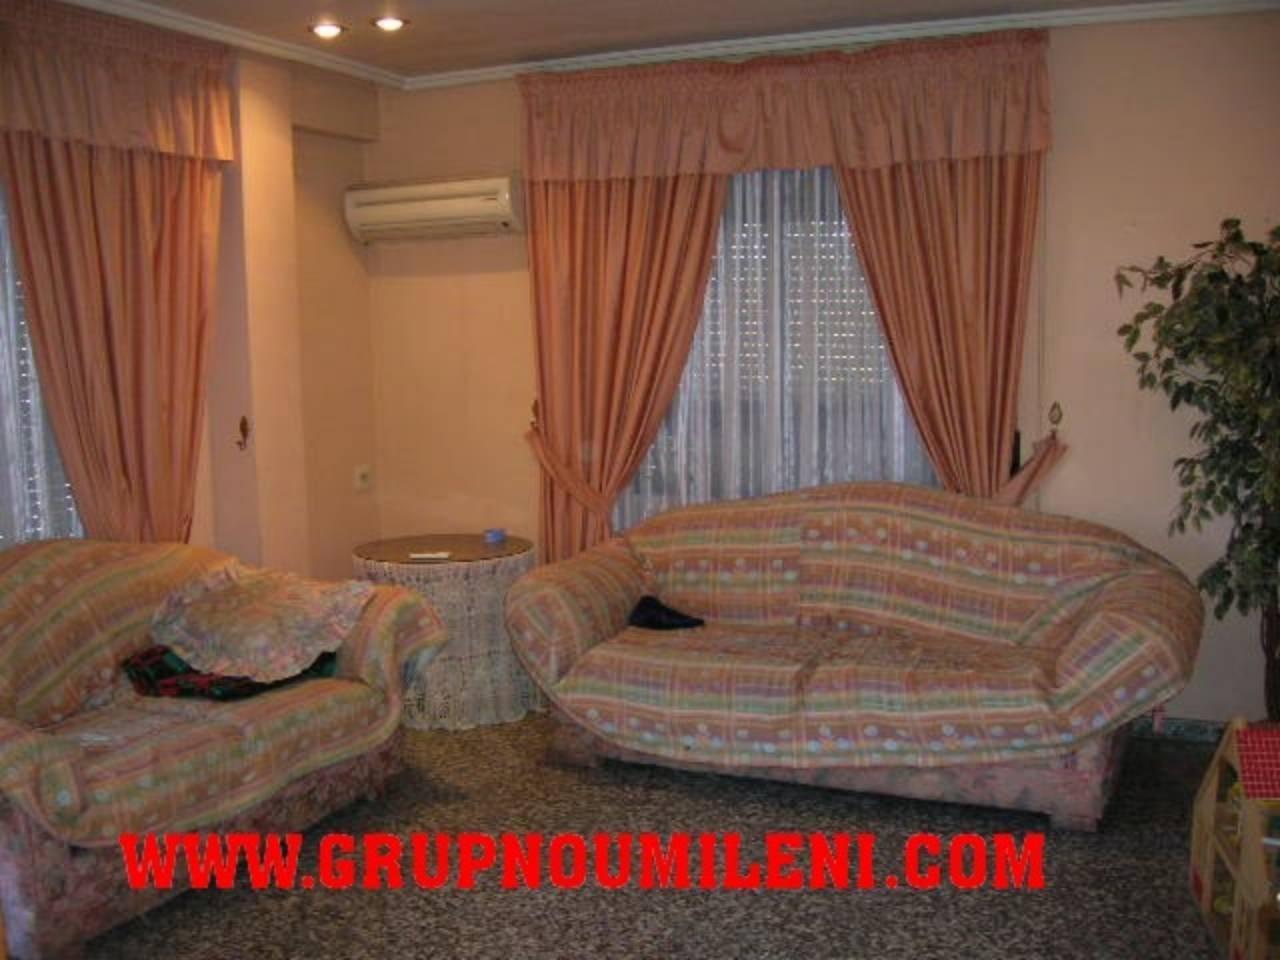 Lloguer Pis  Alfafar. Superf. 105 m²,  4 habitaciones (2 dobles,  2 individuales),  1